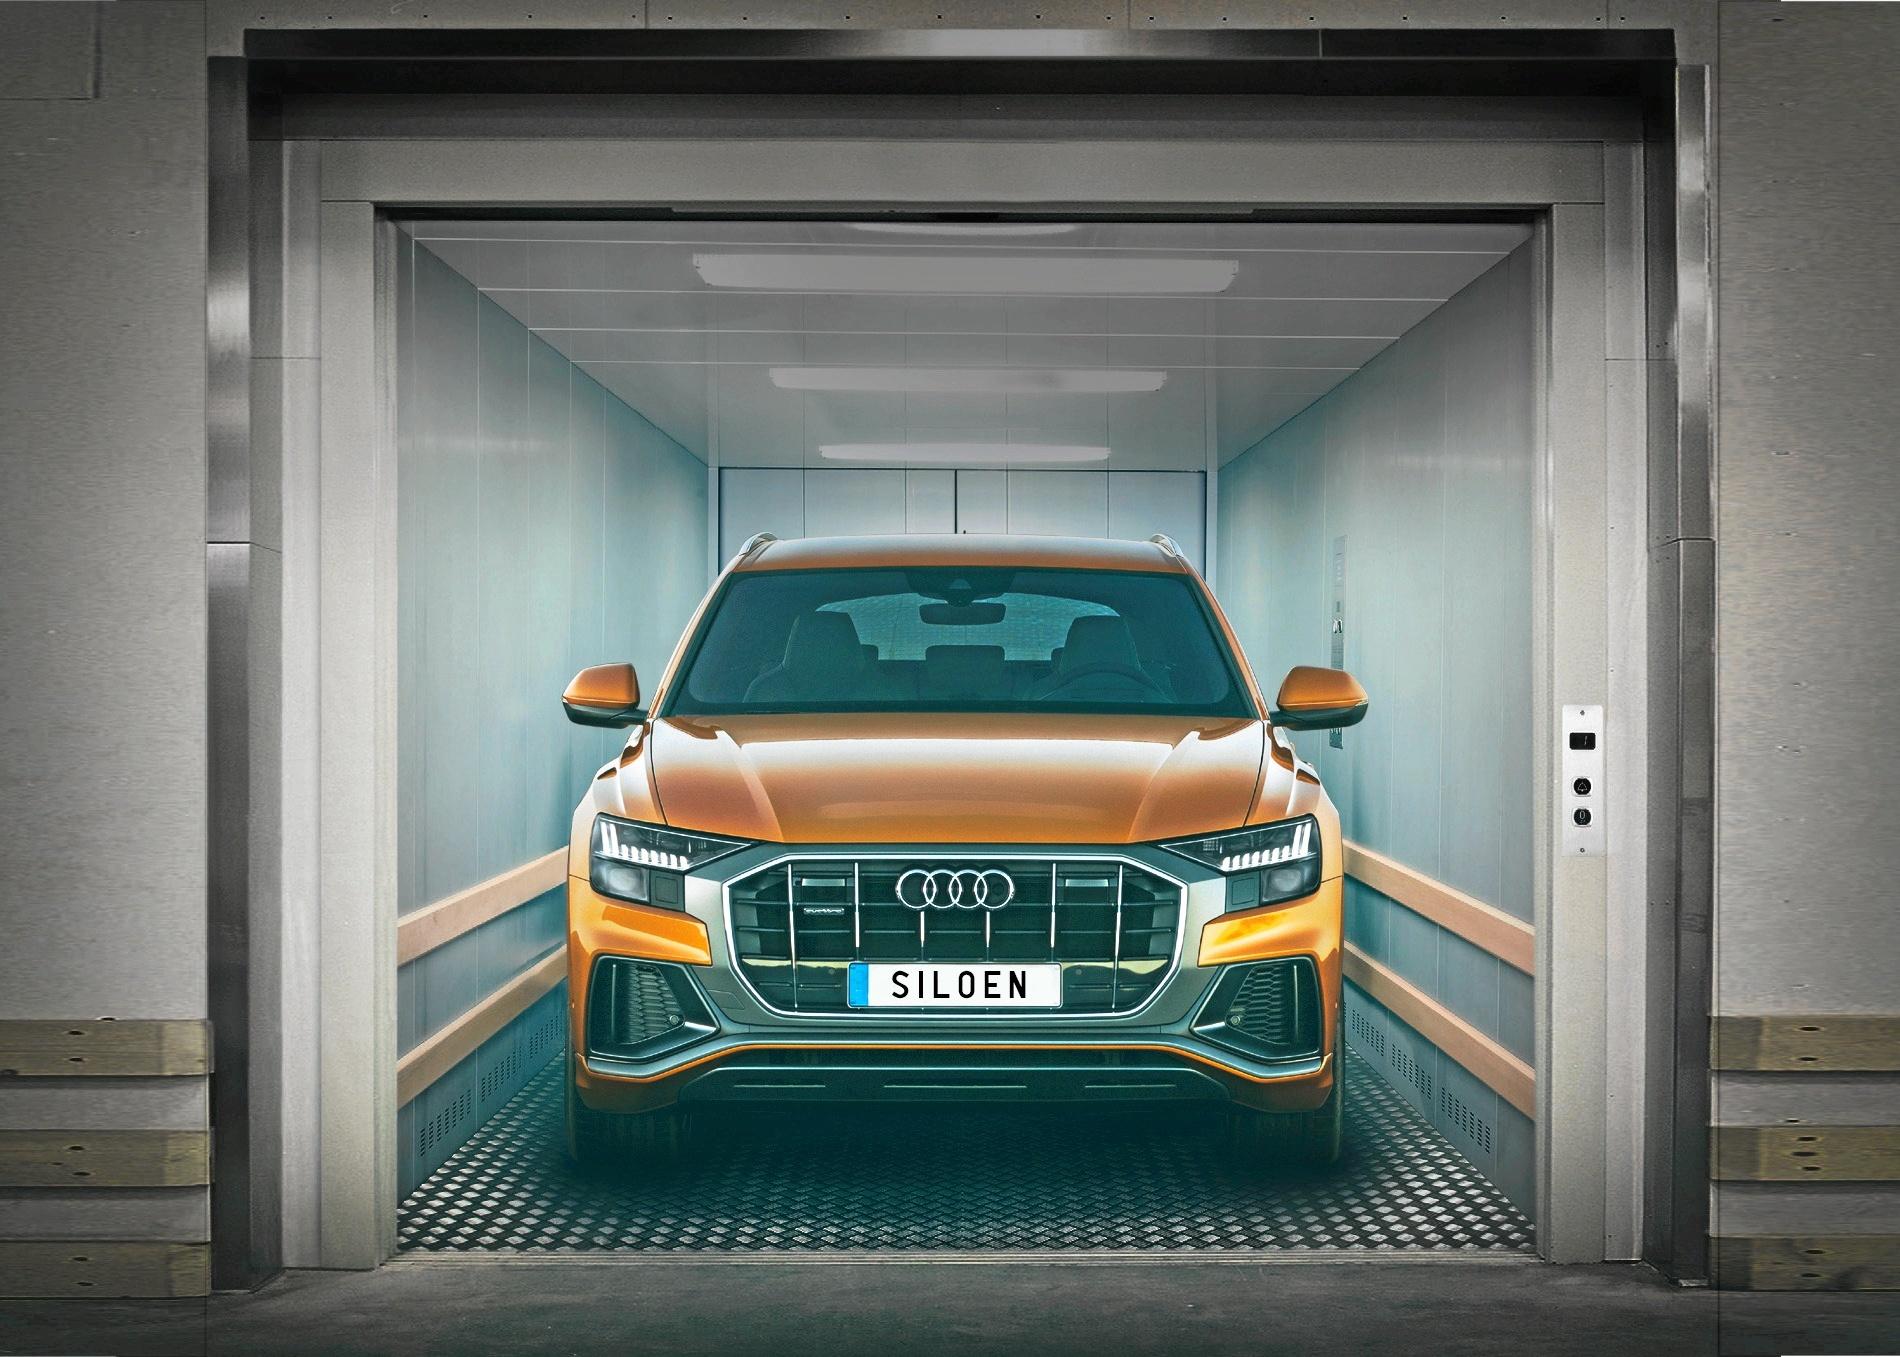 Føreren bliver siddende i sin bil, når turen går op eller ned med den spritny bilelevator, der har fjernstyring og derfor let kan betjenes inde fra selve køretøjet.